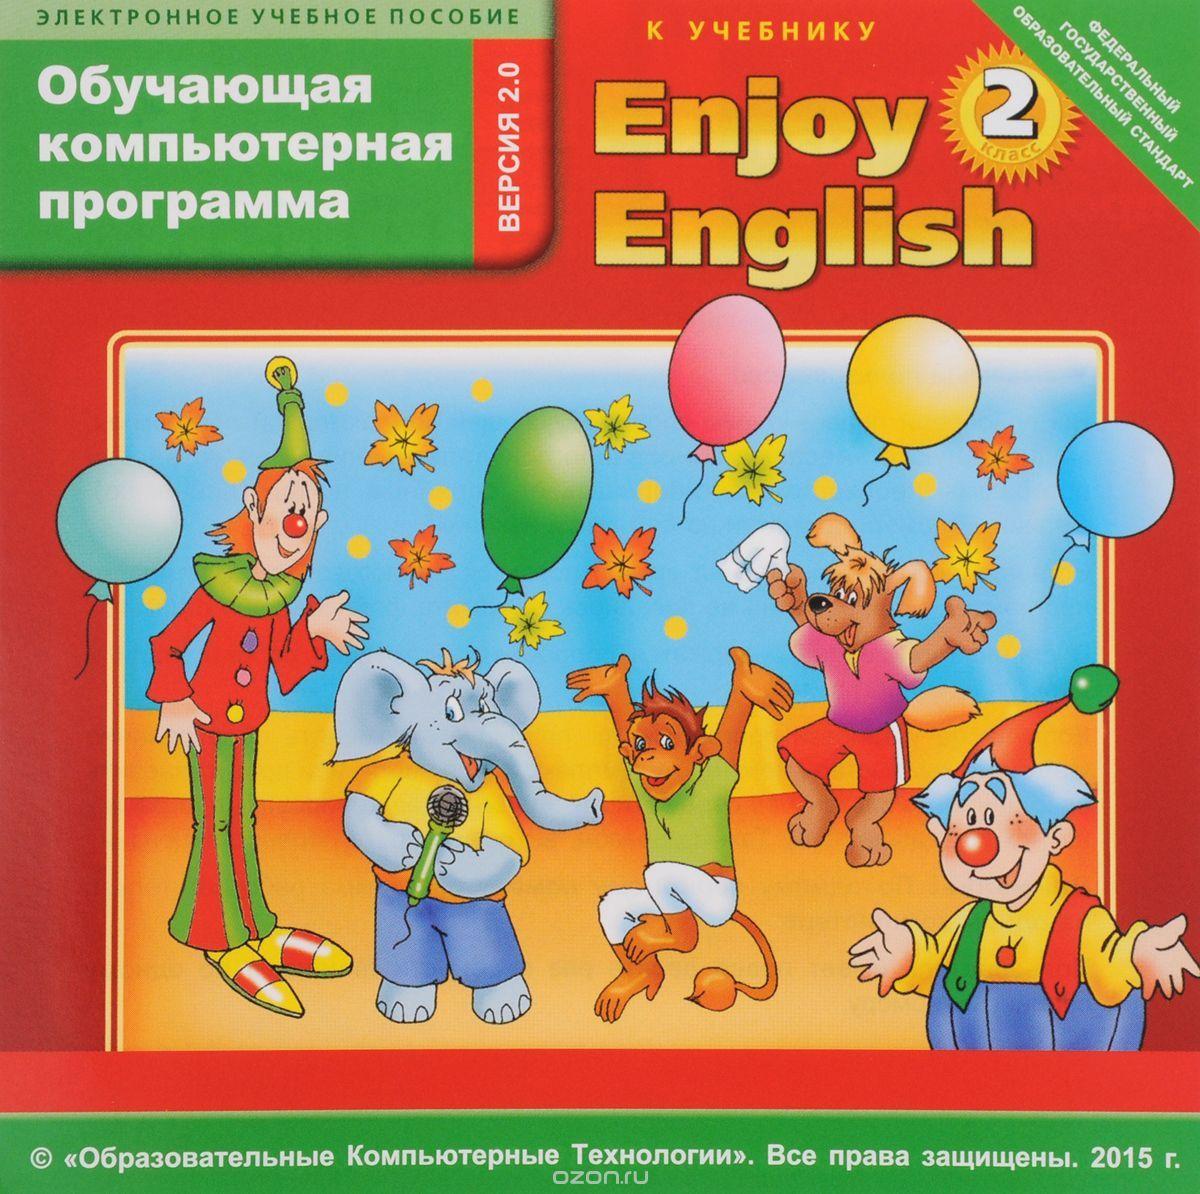 Enjoy english обучающая компьютерная программа 7 класс скачать бесплатно